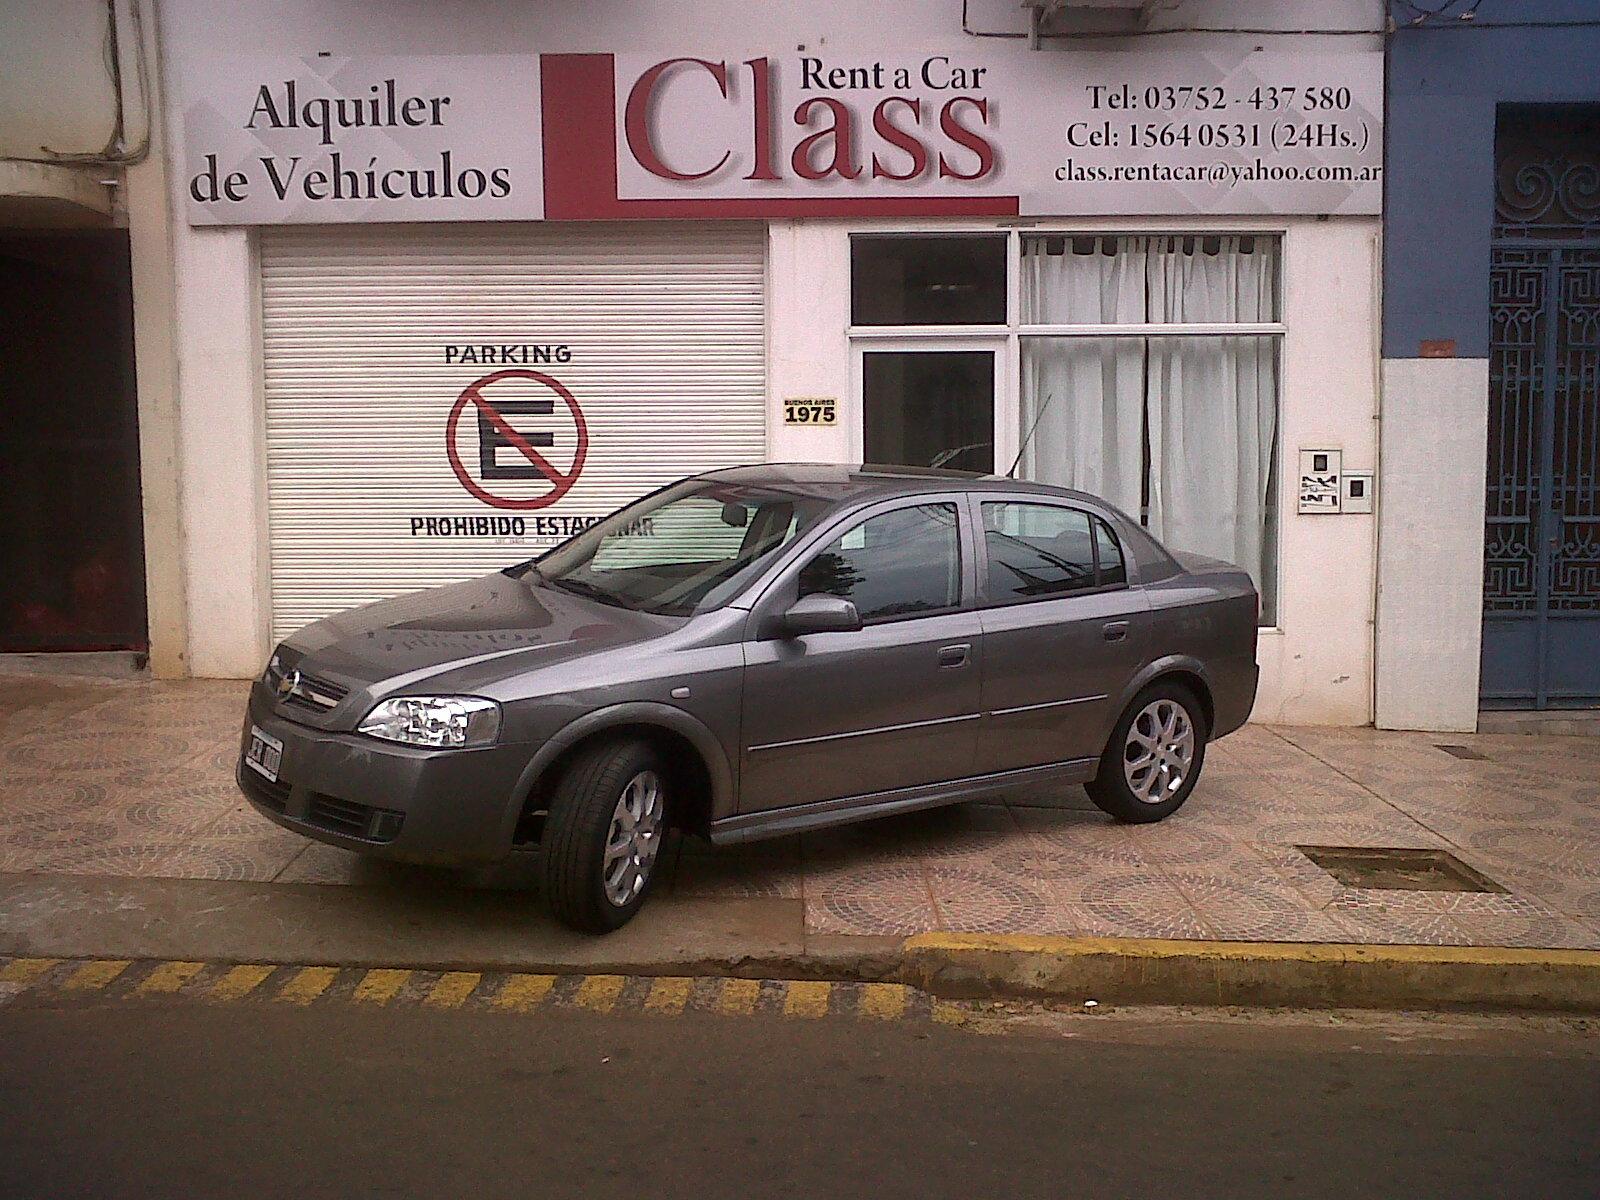 Fotos de CLASS Alquiler de Vehiculos Rent A Car